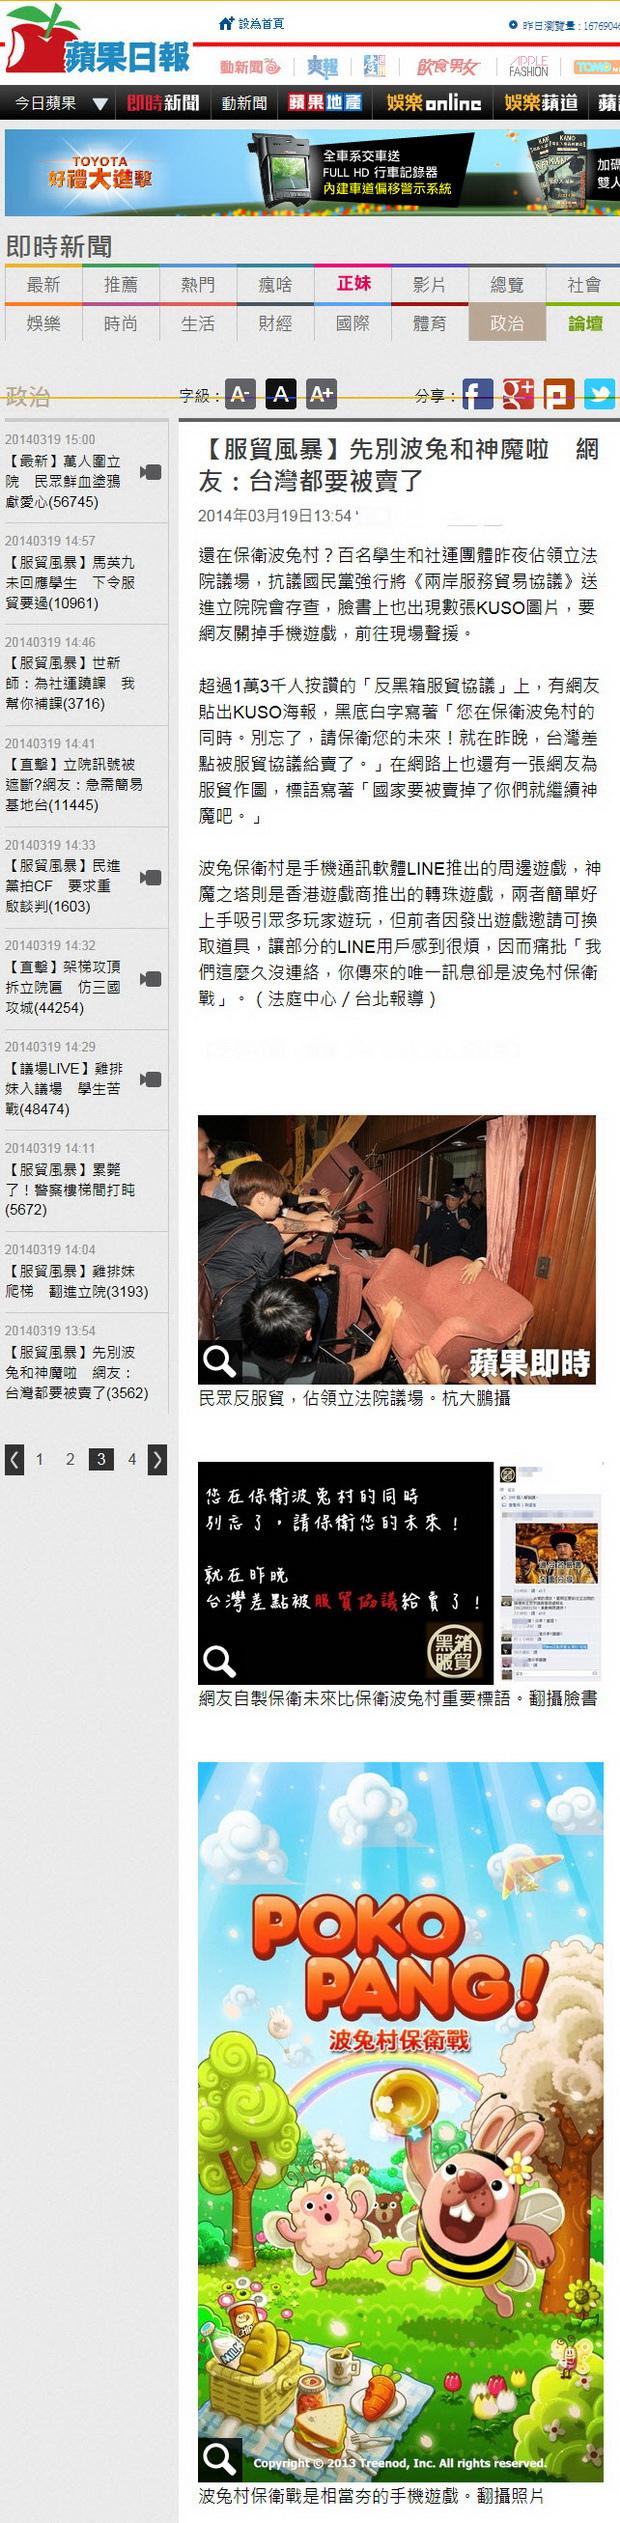 【服貿風暴】先別波兔和神魔啦網友:台灣都要被賣了-2014.03.19.jpg